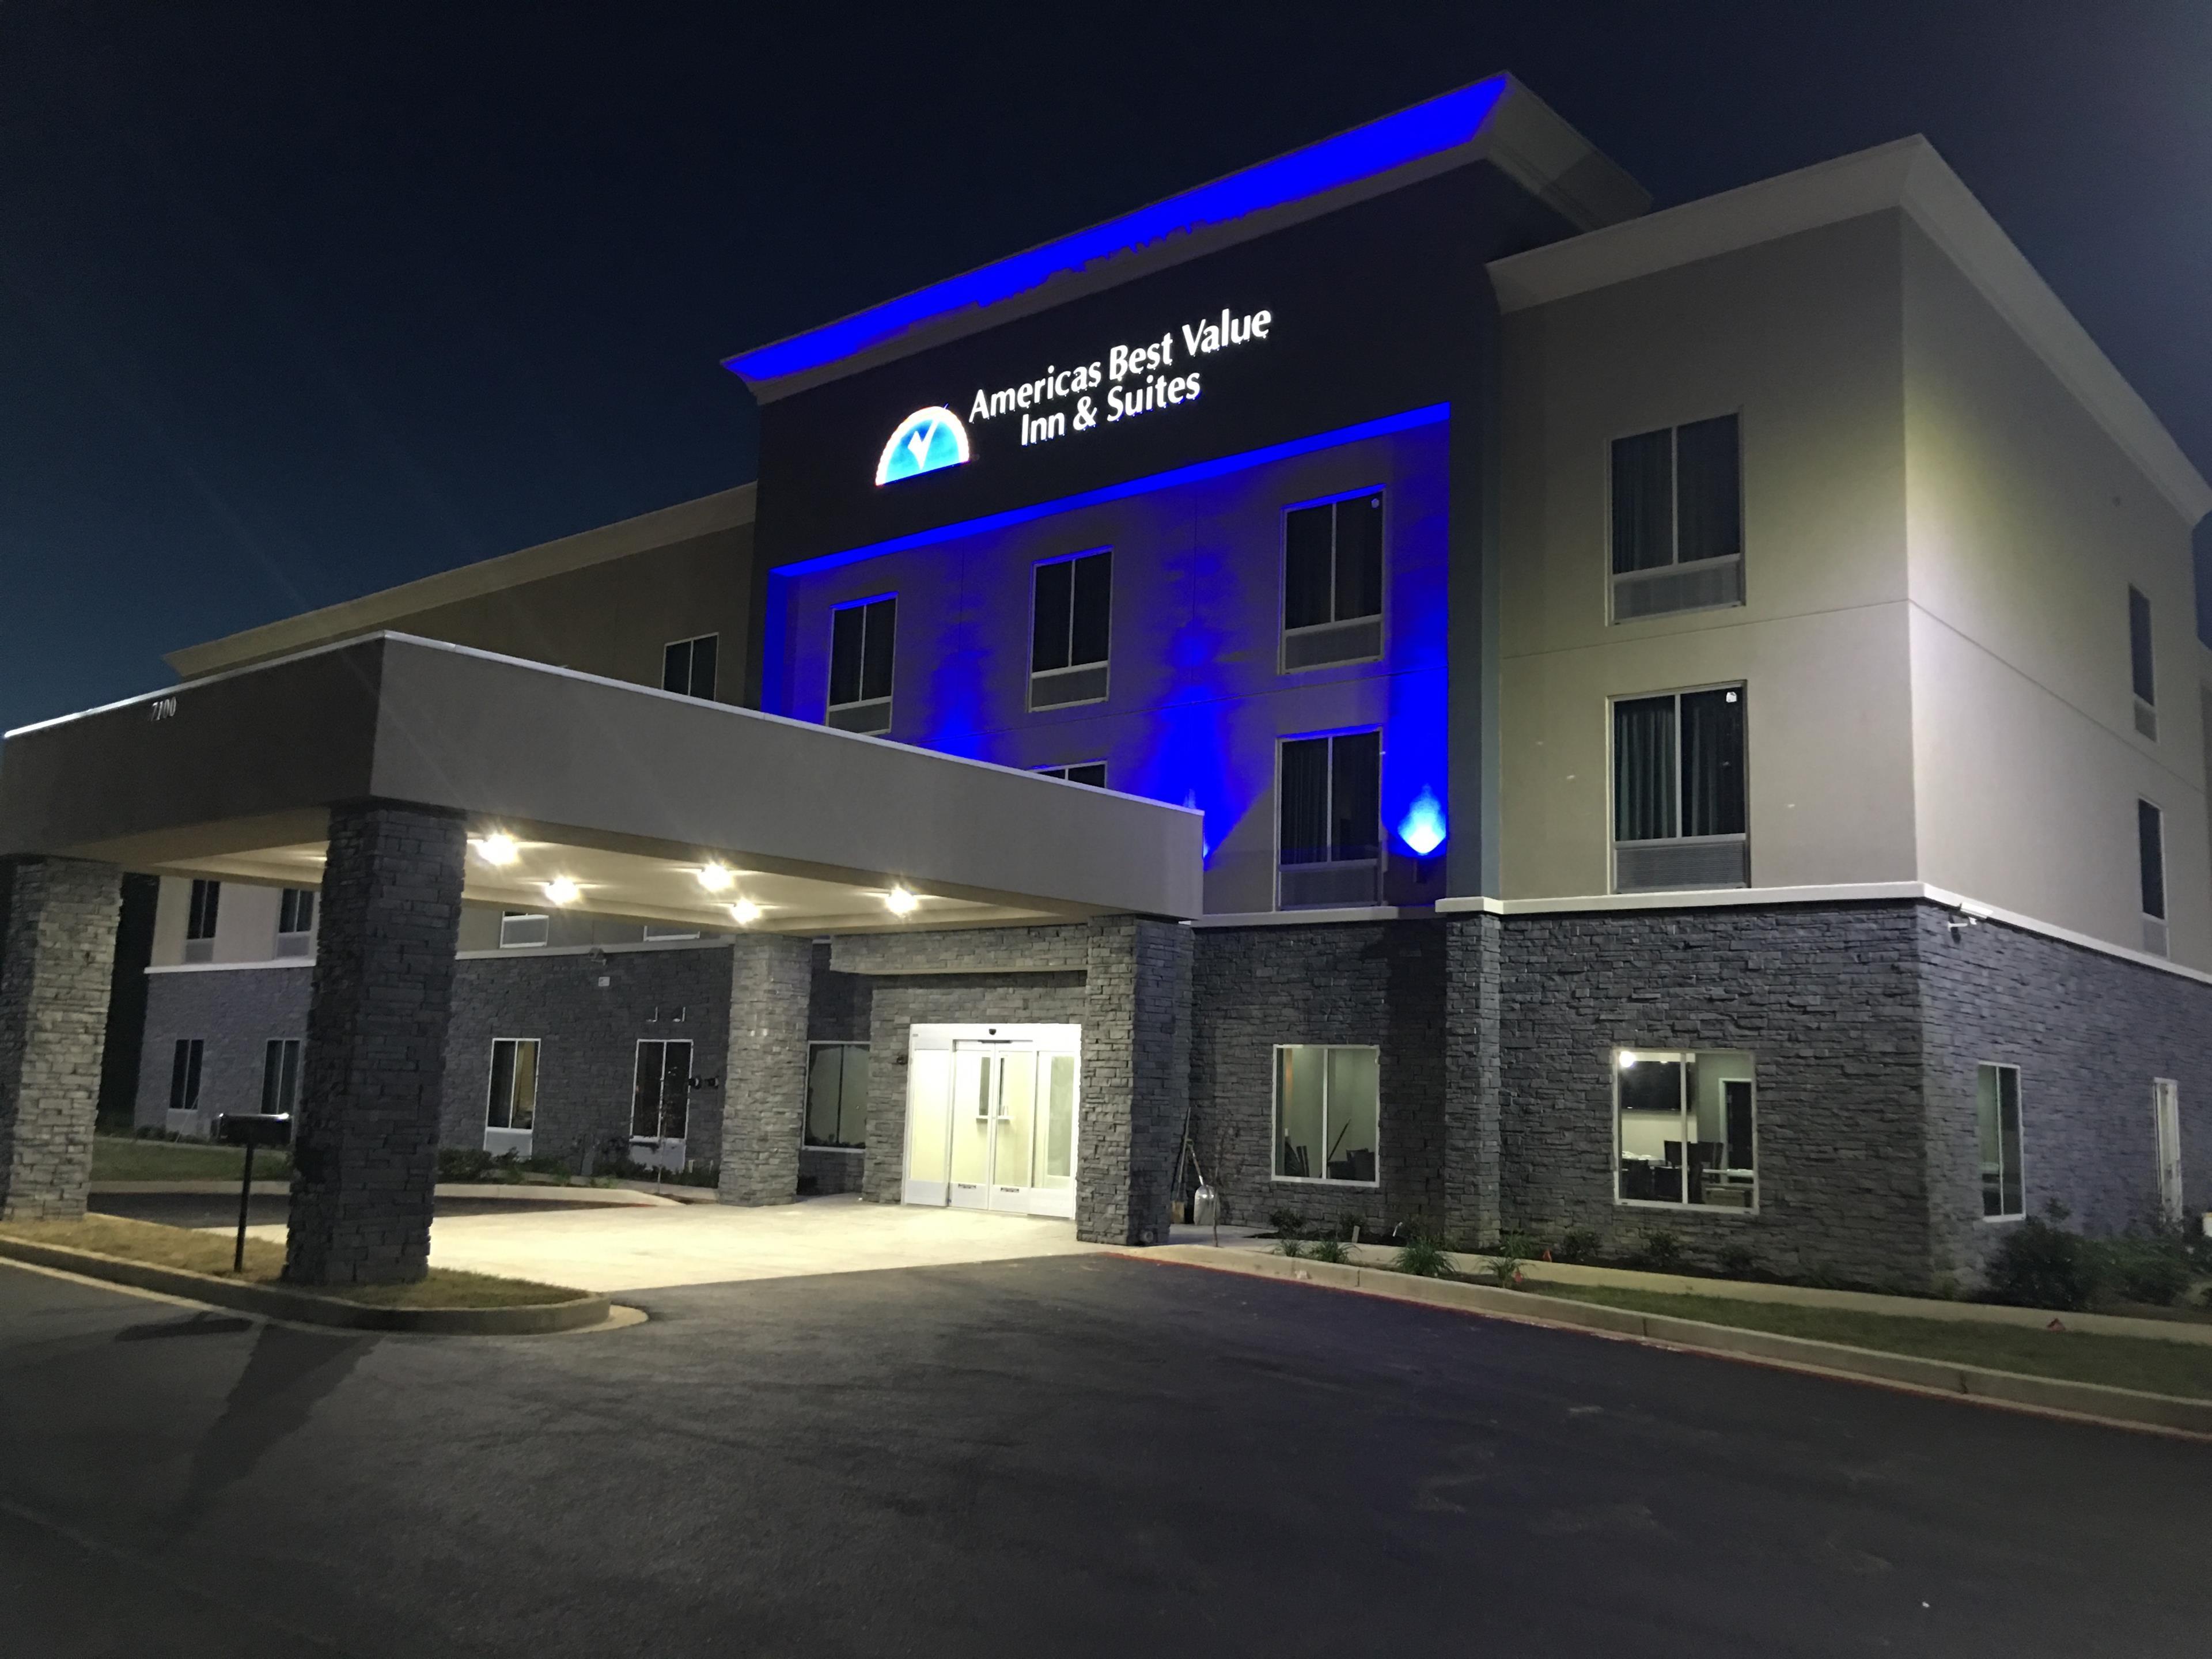 Americas Best Value Inn  U0026 Suites   Memphis